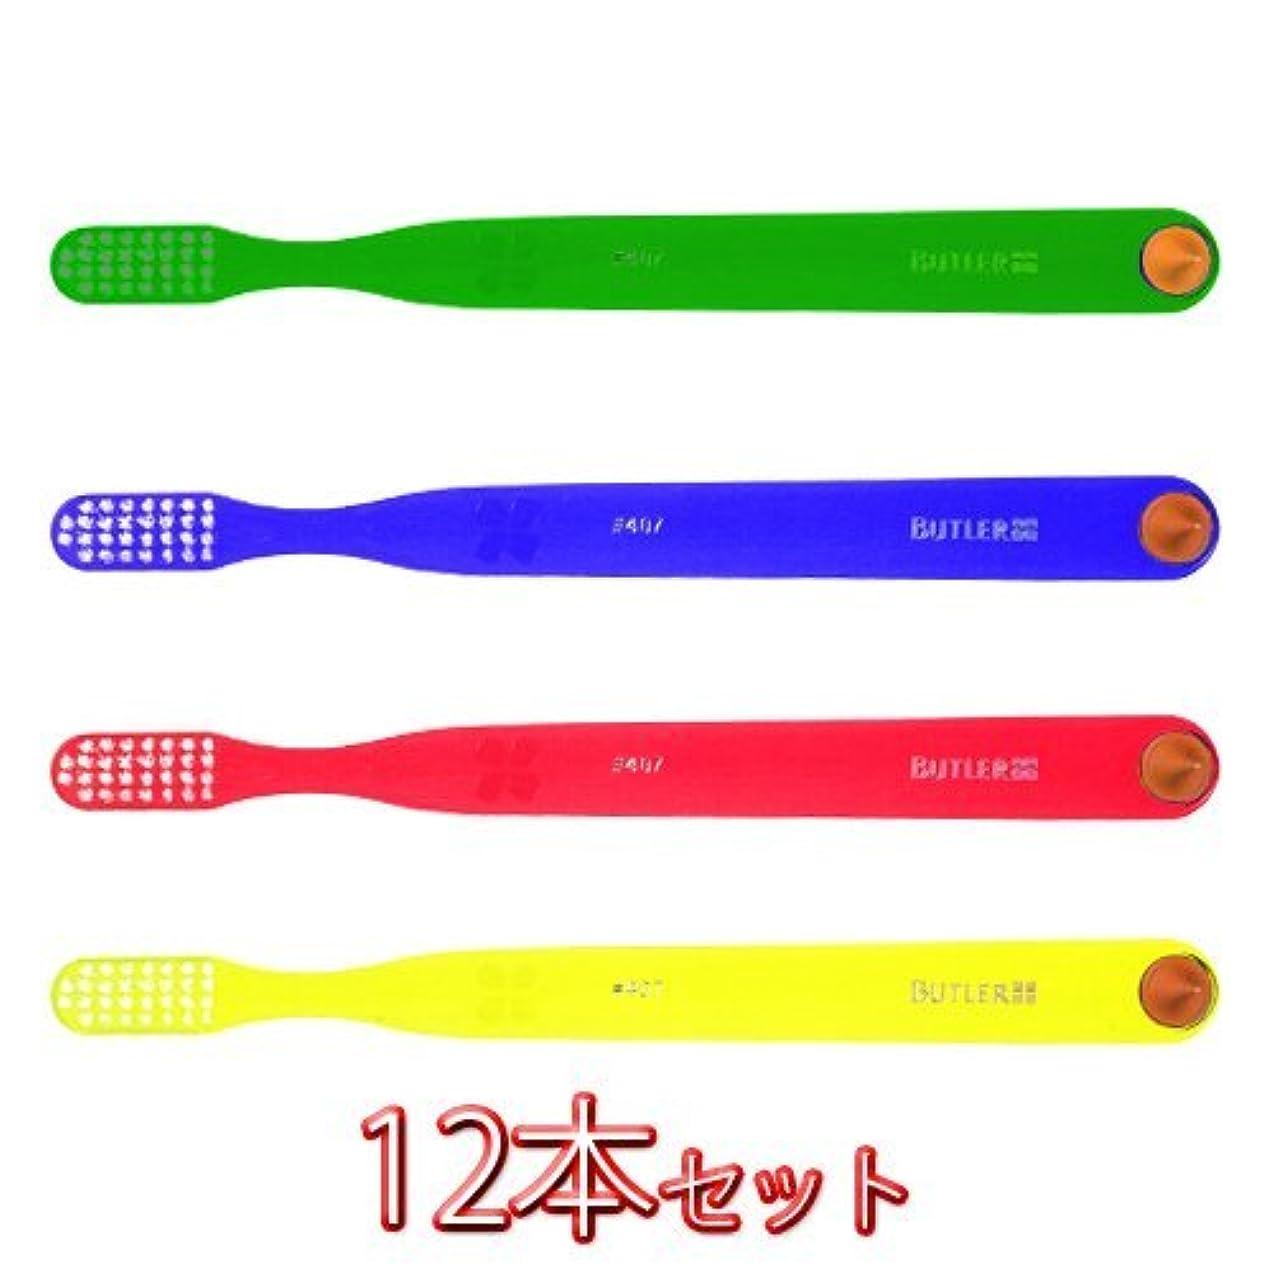 マトロン臨検入学するバトラー 歯ブラシ 12本入 #407